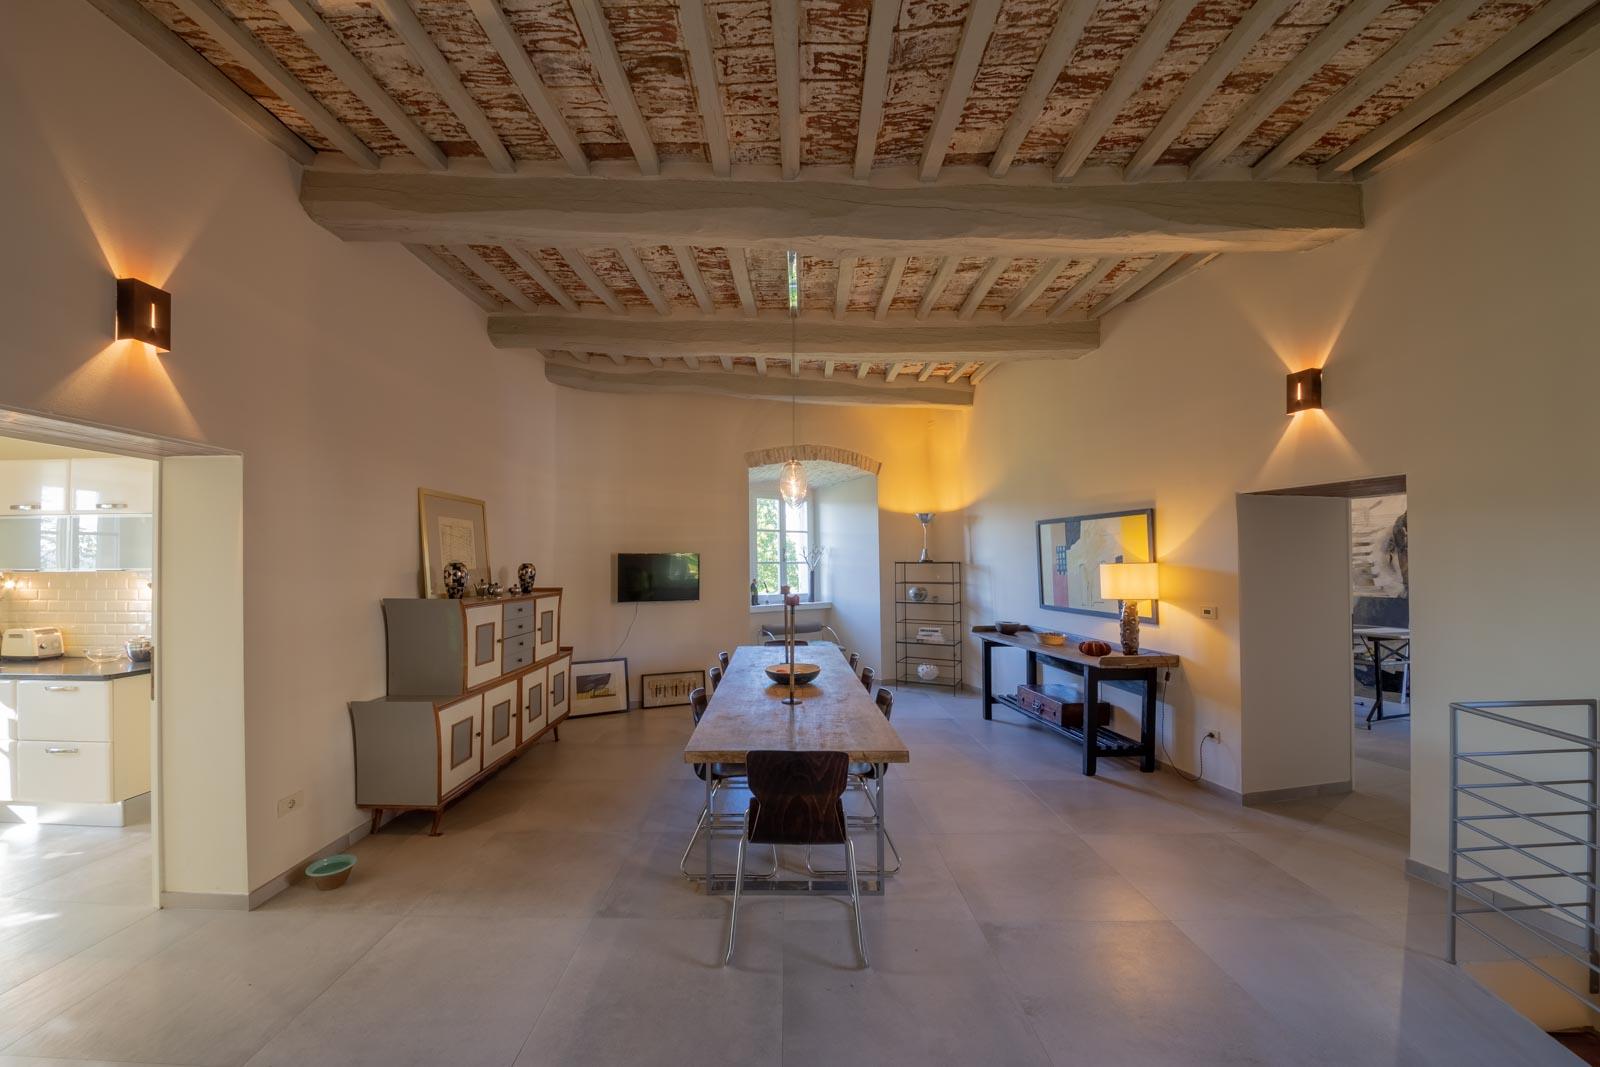 Architettura moderna in un palazzo trecentesco tra Perugia e Orvieto